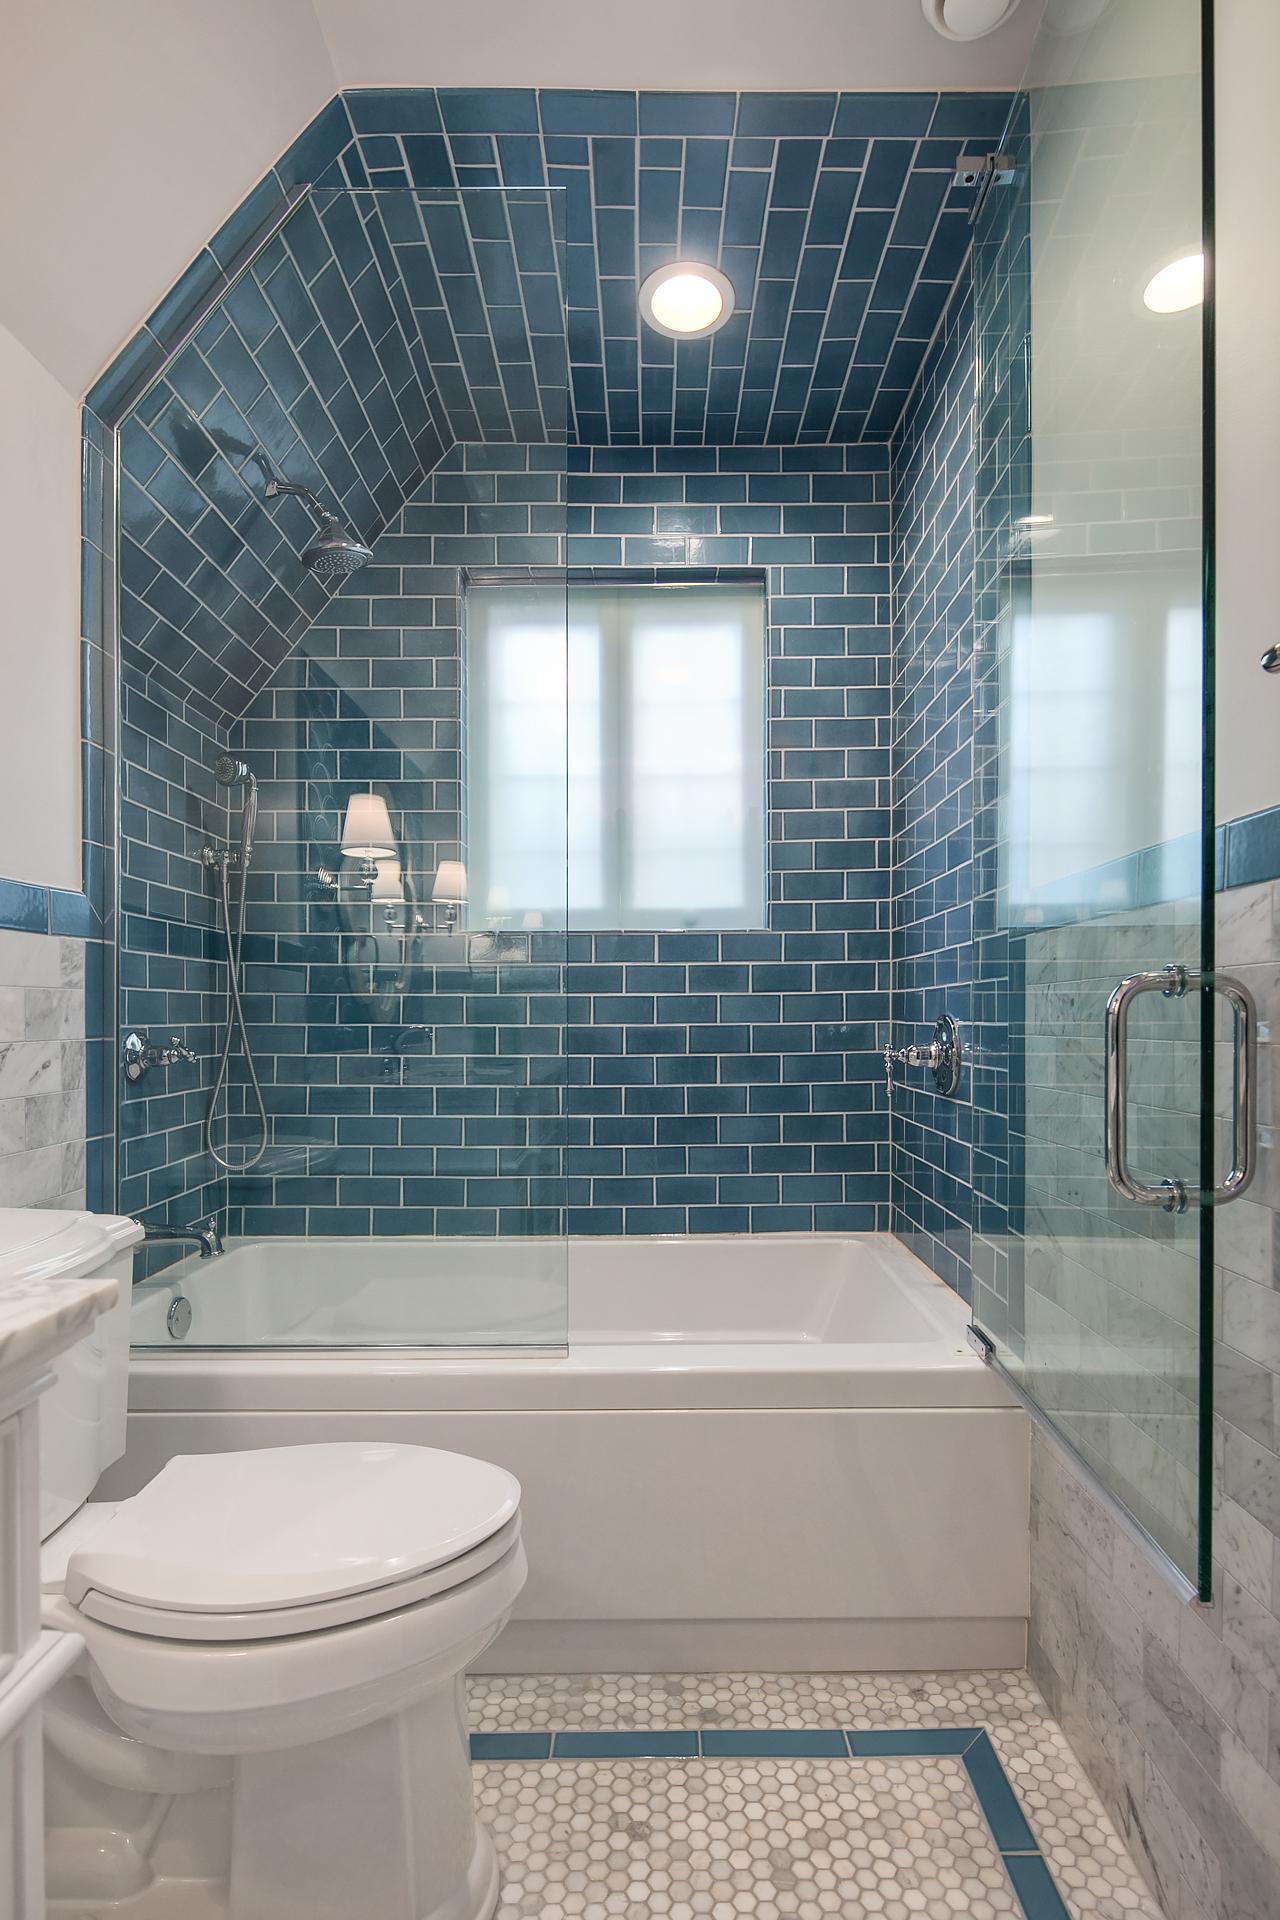 Bathroom Wall Tiles How High Should They Go Fireclay Tile